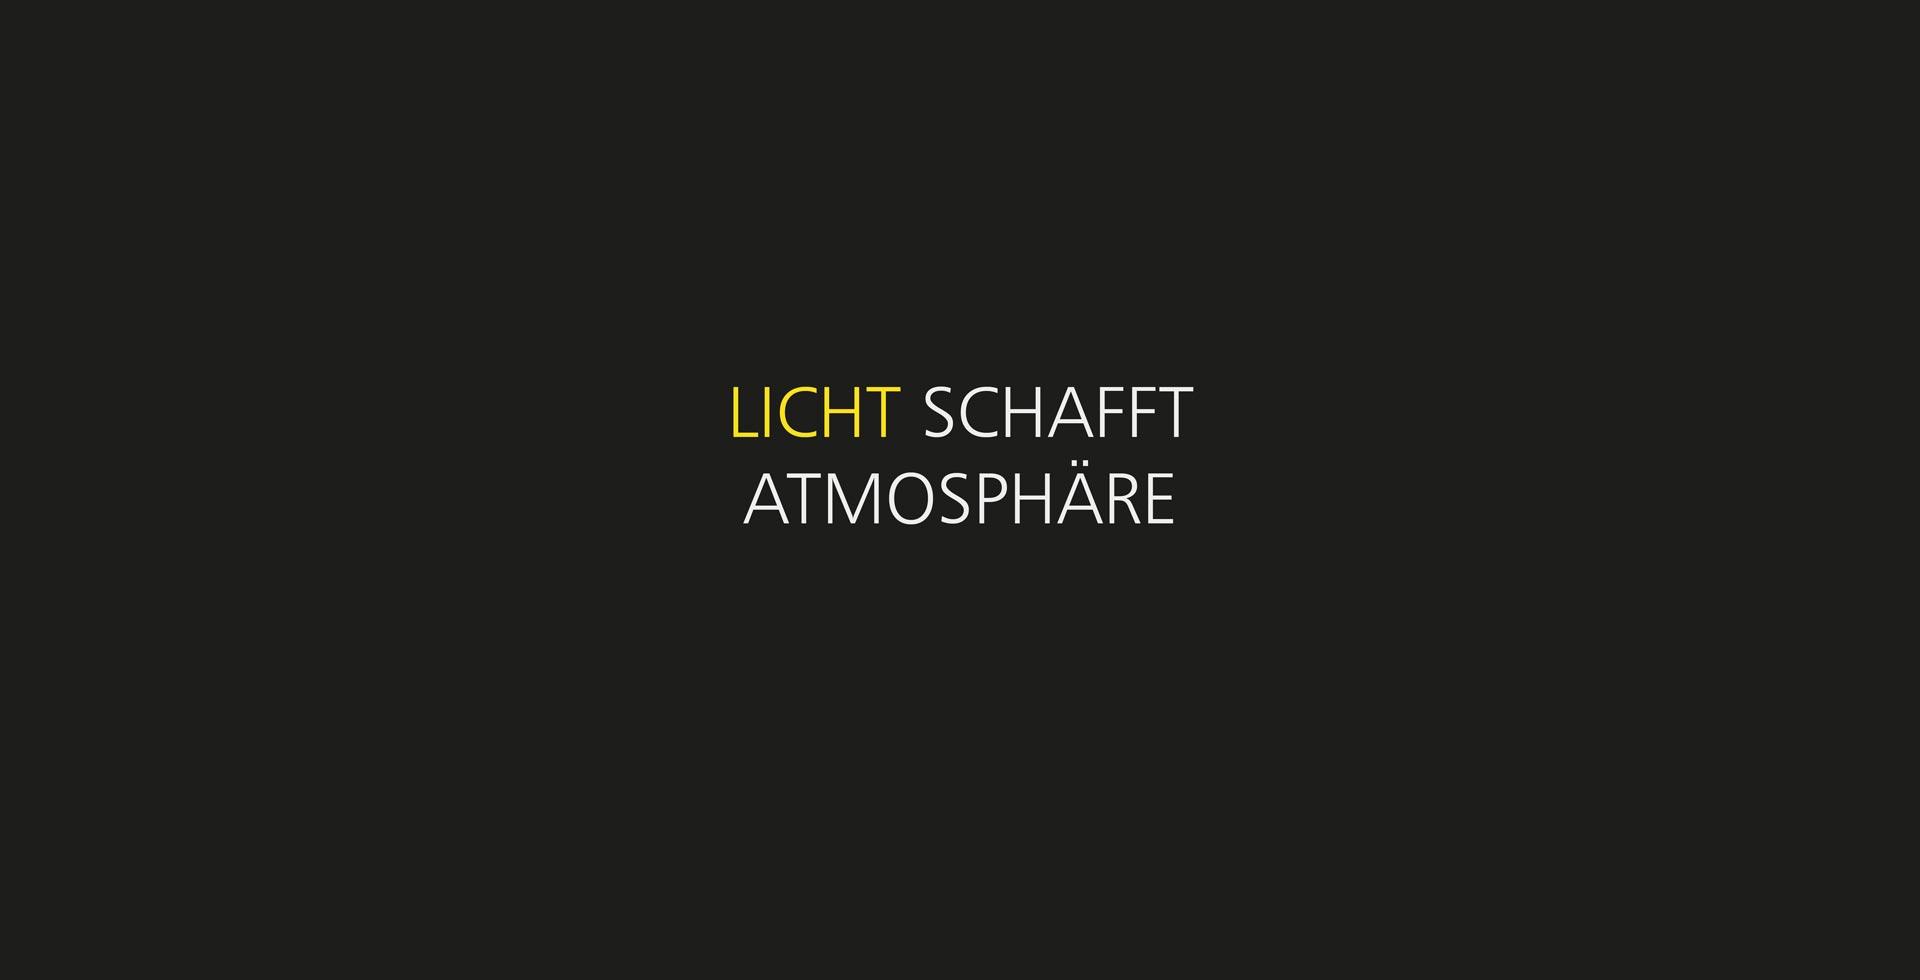 Licht-schafft-Atmosphäre